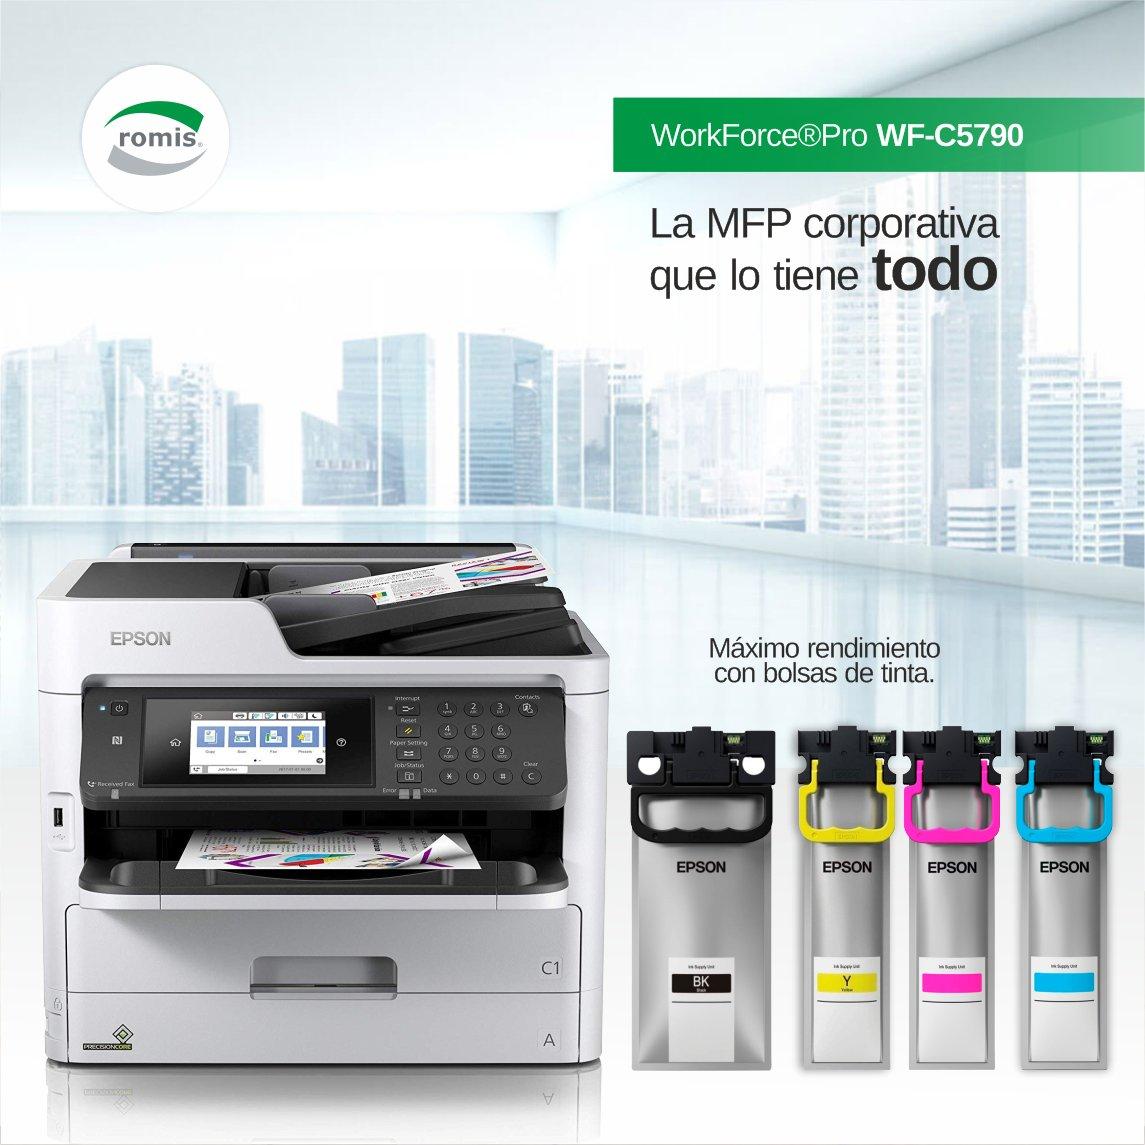 Máxima productividad, velocidad de 34ppm y un menor consumo de energía. Copia, imprime, escanea y fax. Inalámbrica, Ethernet & PCL/PS. Tinta resistente al agua, las manchas y la decoloración. https://www.romis.com.uy/Multifuncion-WorkForce-Pro-WF-C5790/…